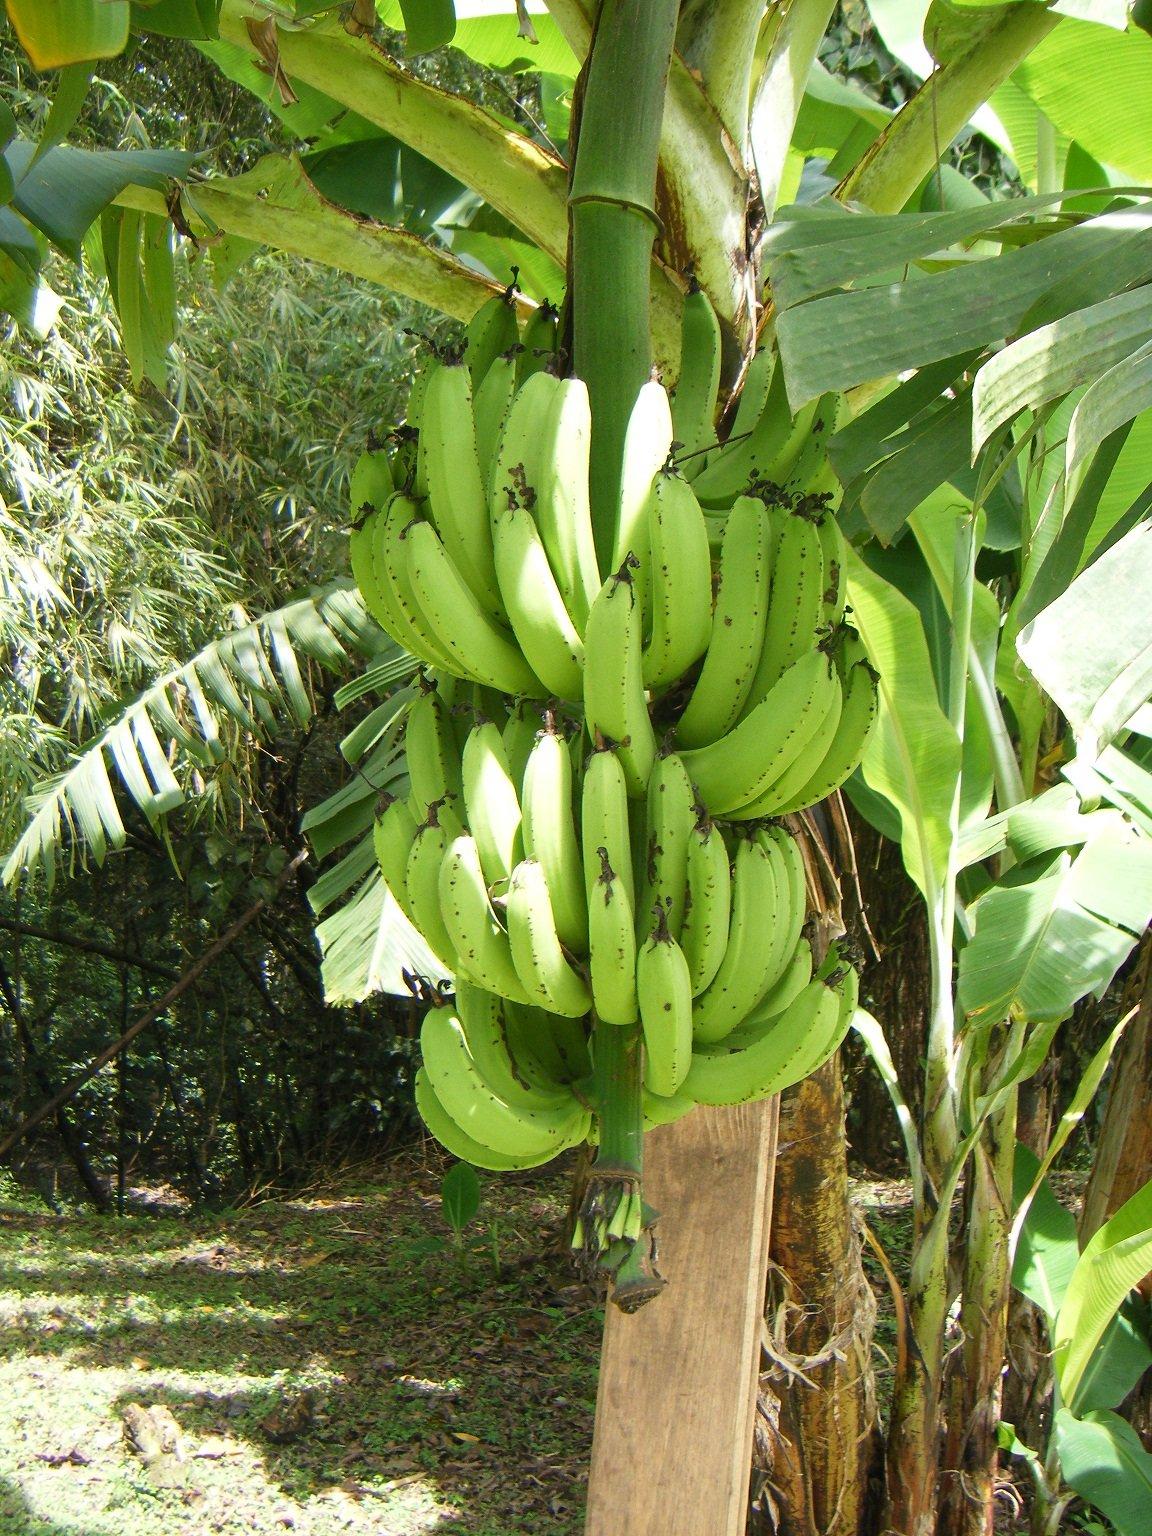 клиенты критиковали картинка дерево бананы конкурс